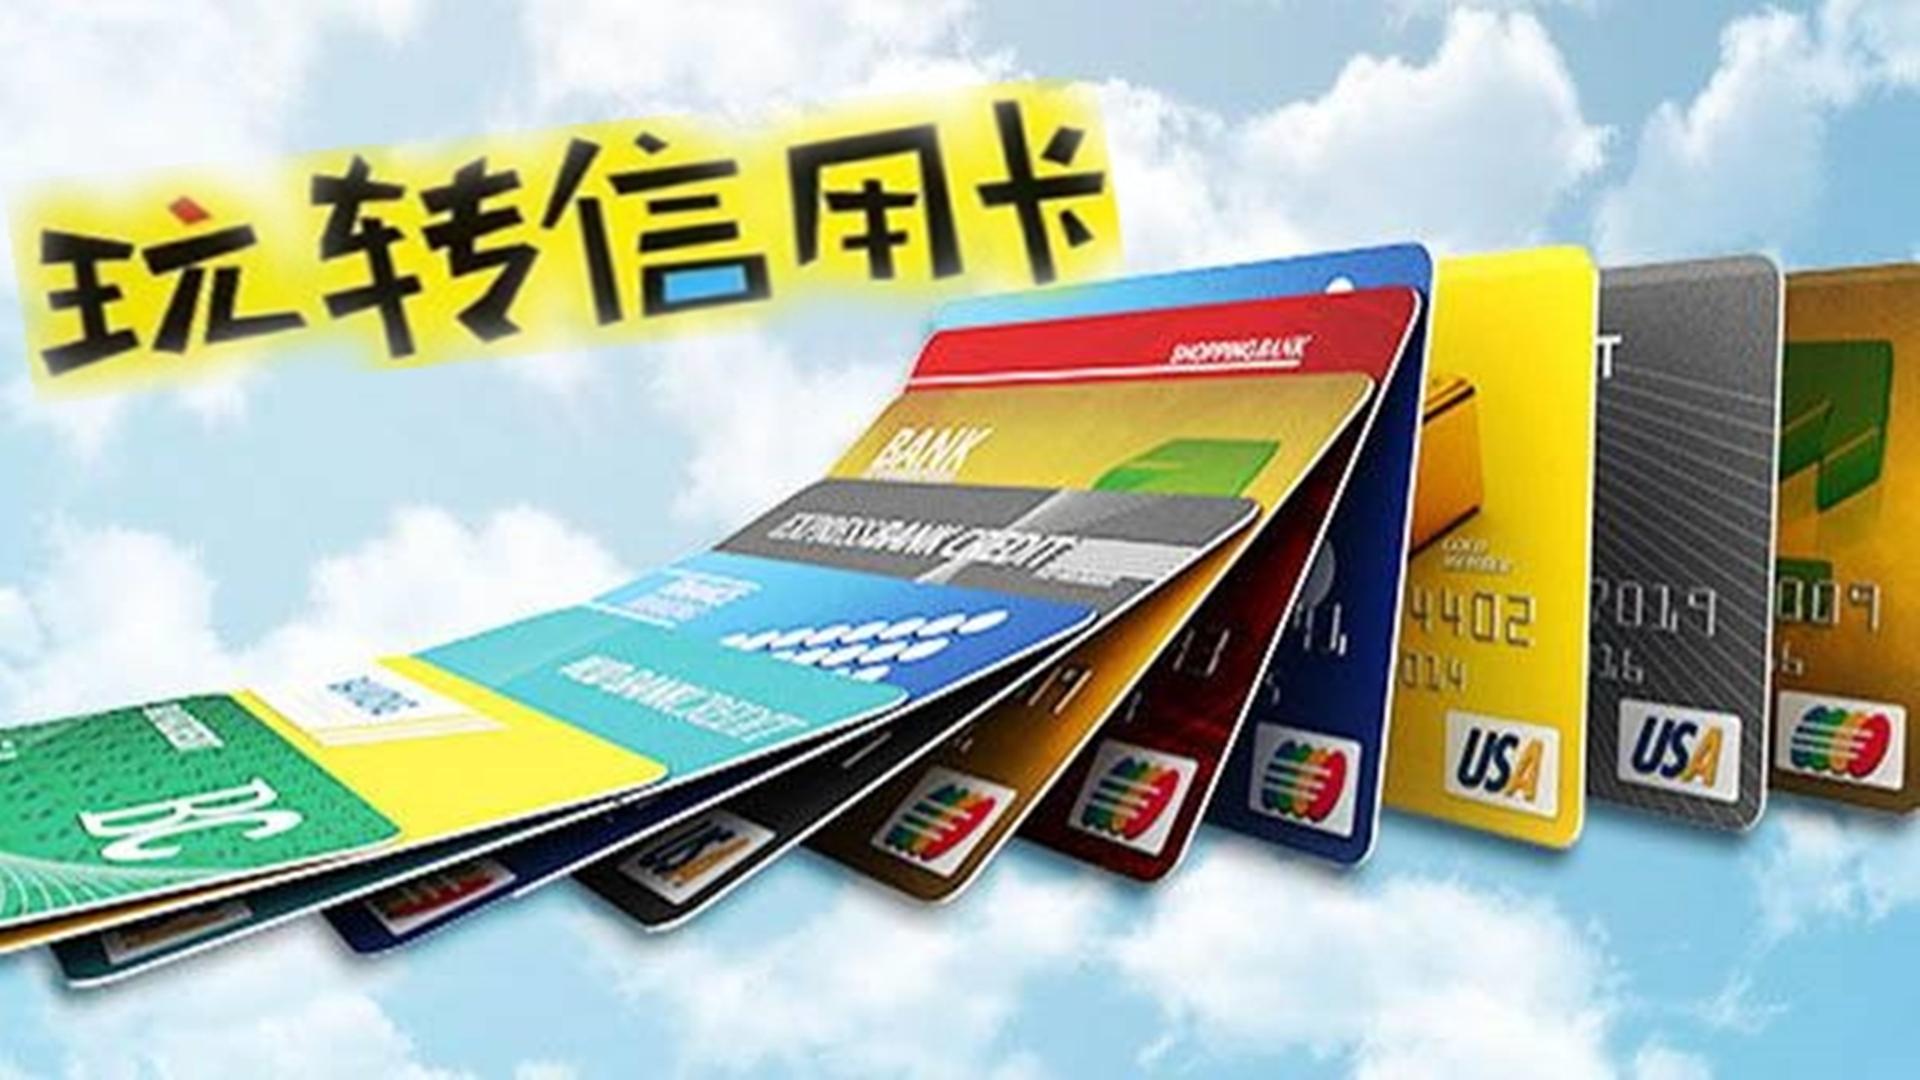 玩转信用卡之一